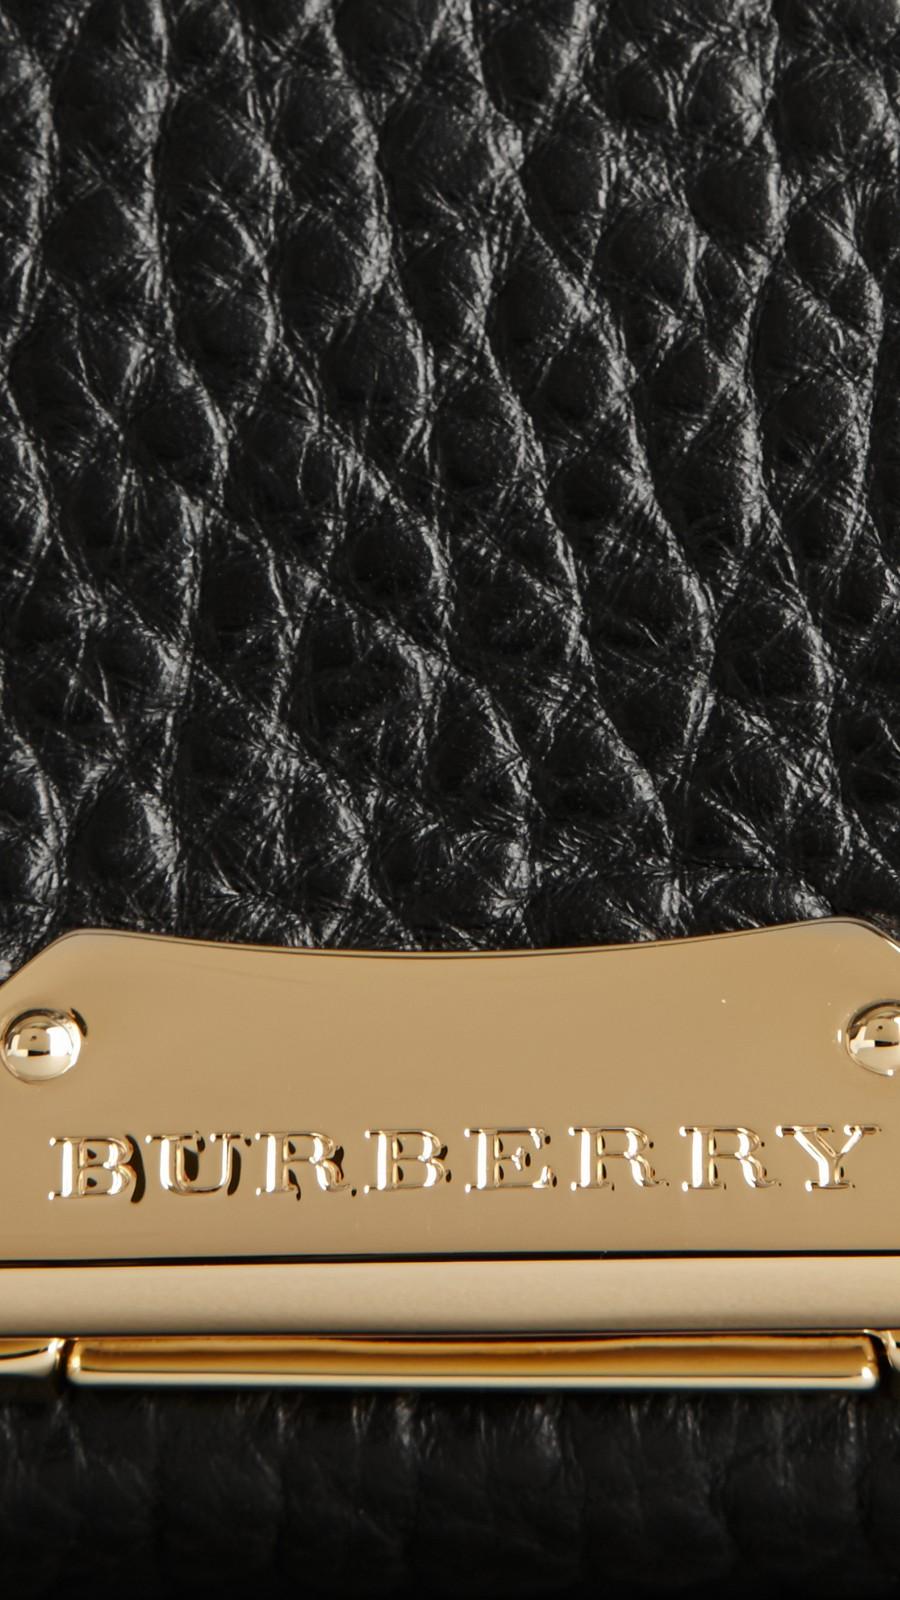 Black Medium Signature Grain Leather Clutch Bag Black - Image 2